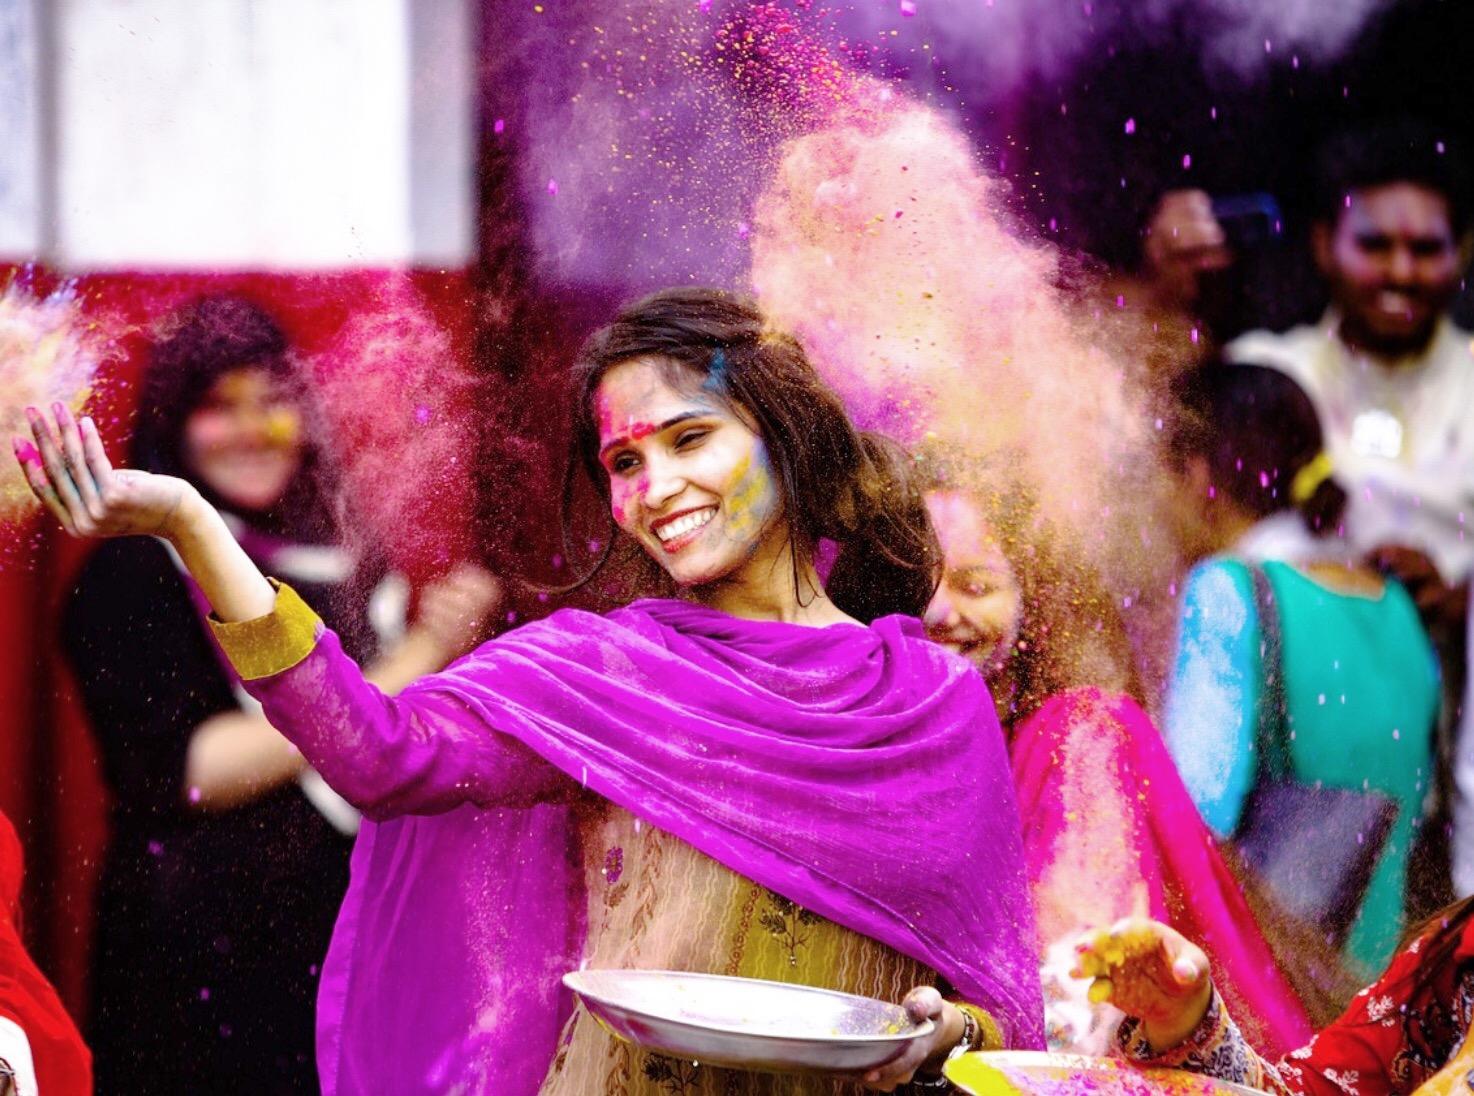 Le raclage de langue est loin d'être un rituel glamour. En même temps, lorsqu'il s'agit de detox, c'est rarement le cas... Aujourd'hui je vous en dis plus sur ce geste matinale, enseigné par l'ayurveda, la médecine traditionnelle indienne. Vous verrez, une fois essayé, vous aurez du mal à vous en passer...😉